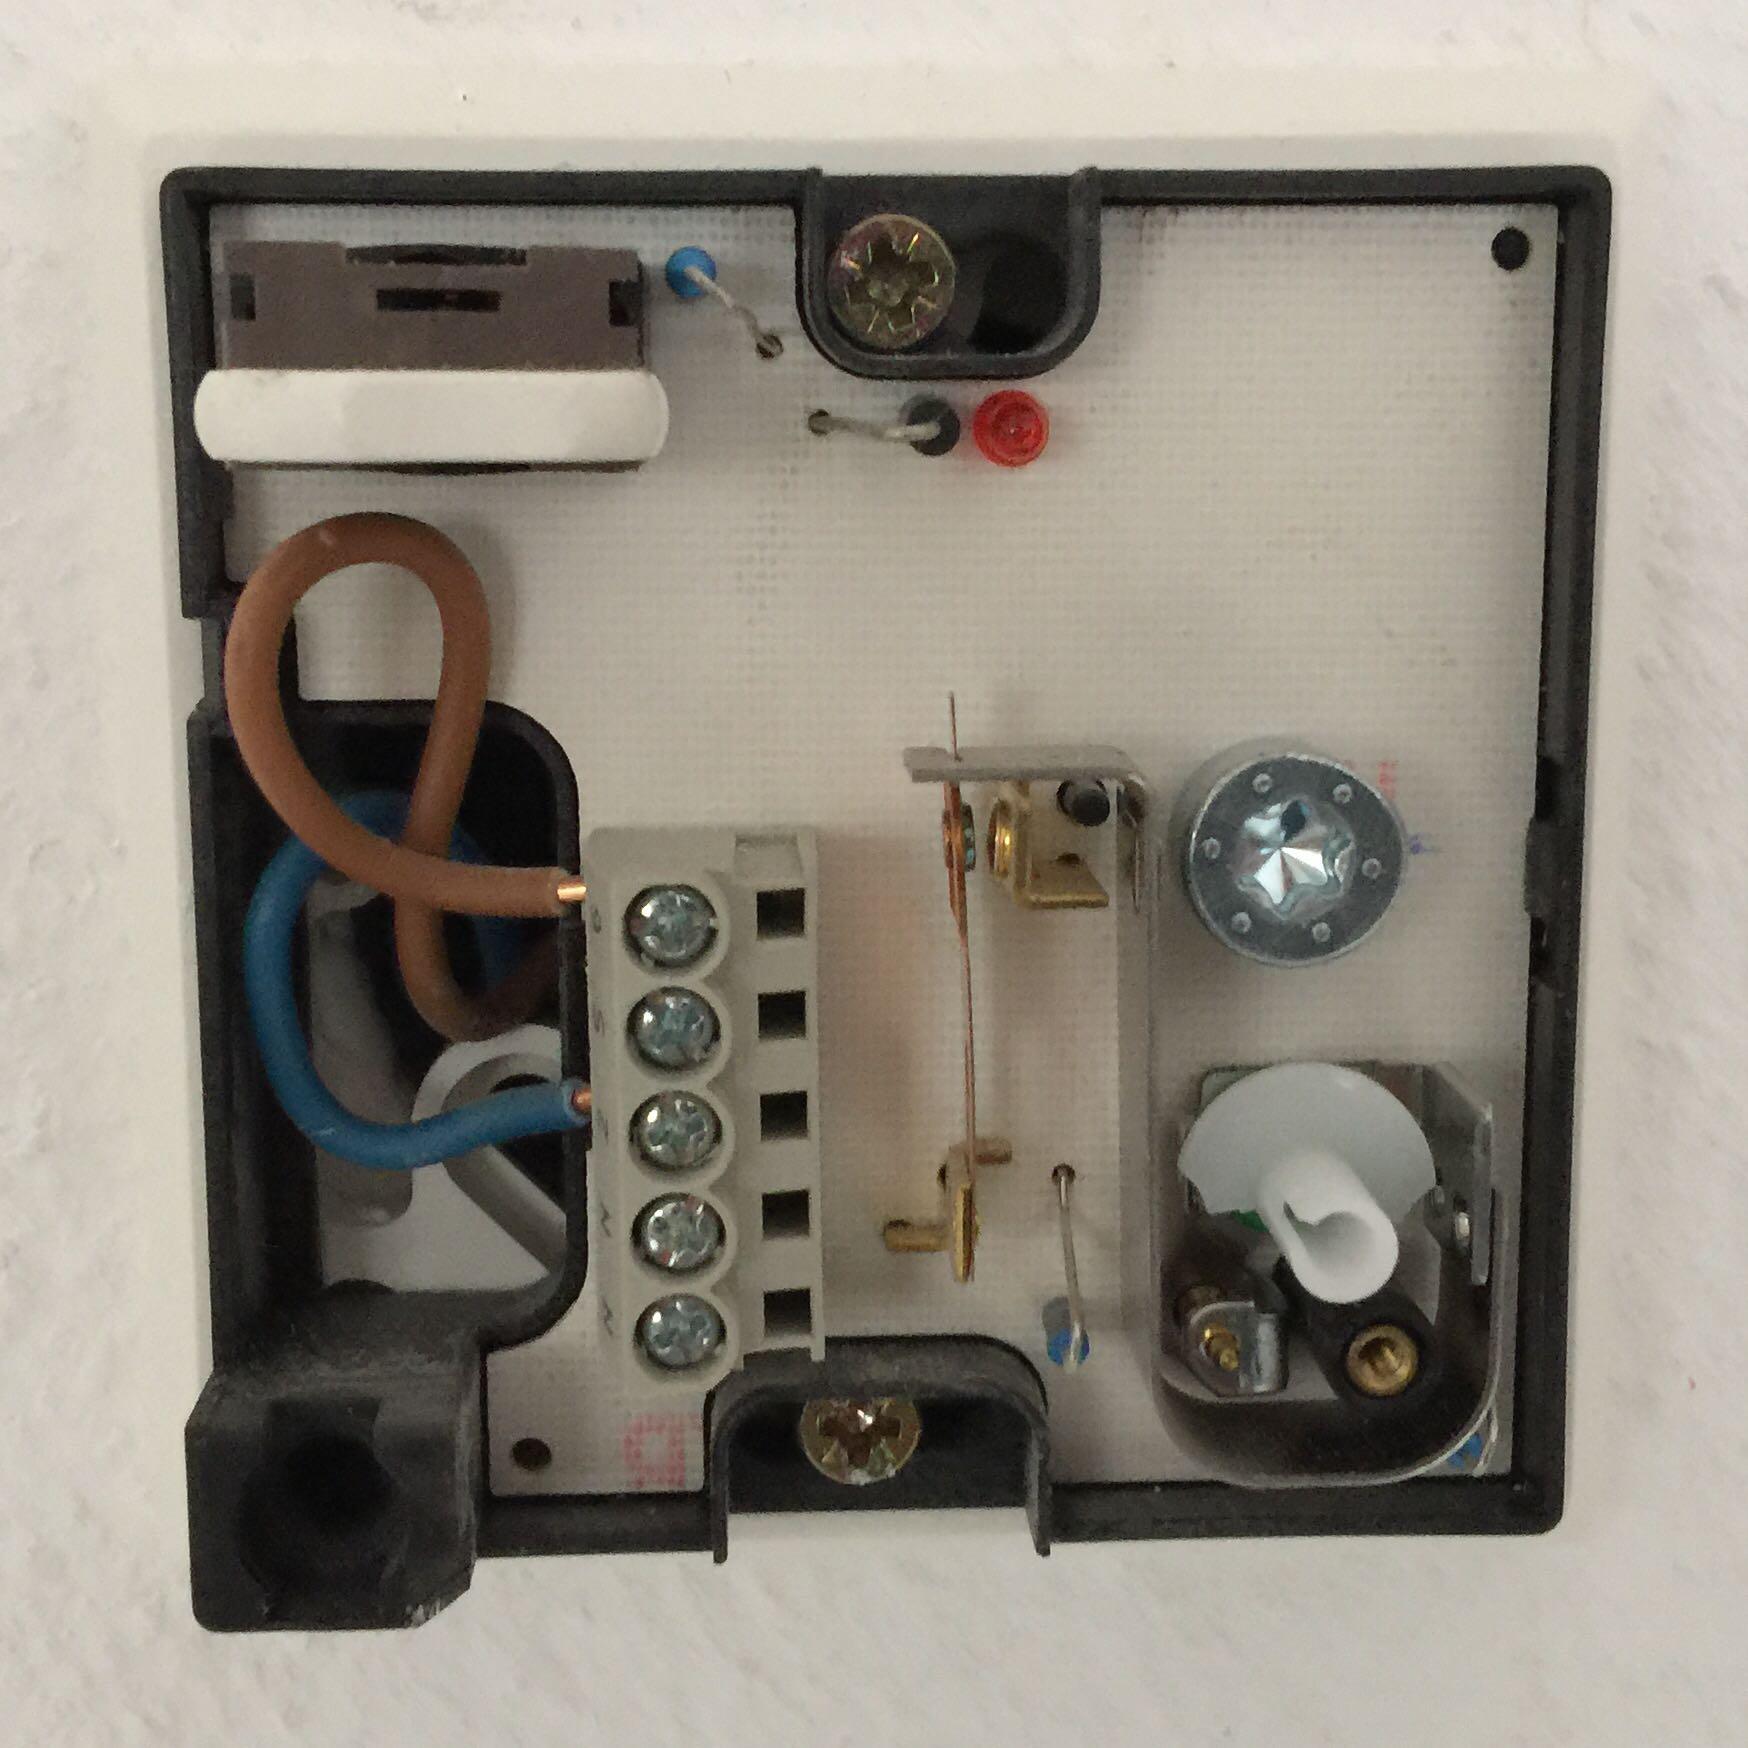 kontrolleuchte thermostat fussbodenheizung richtig